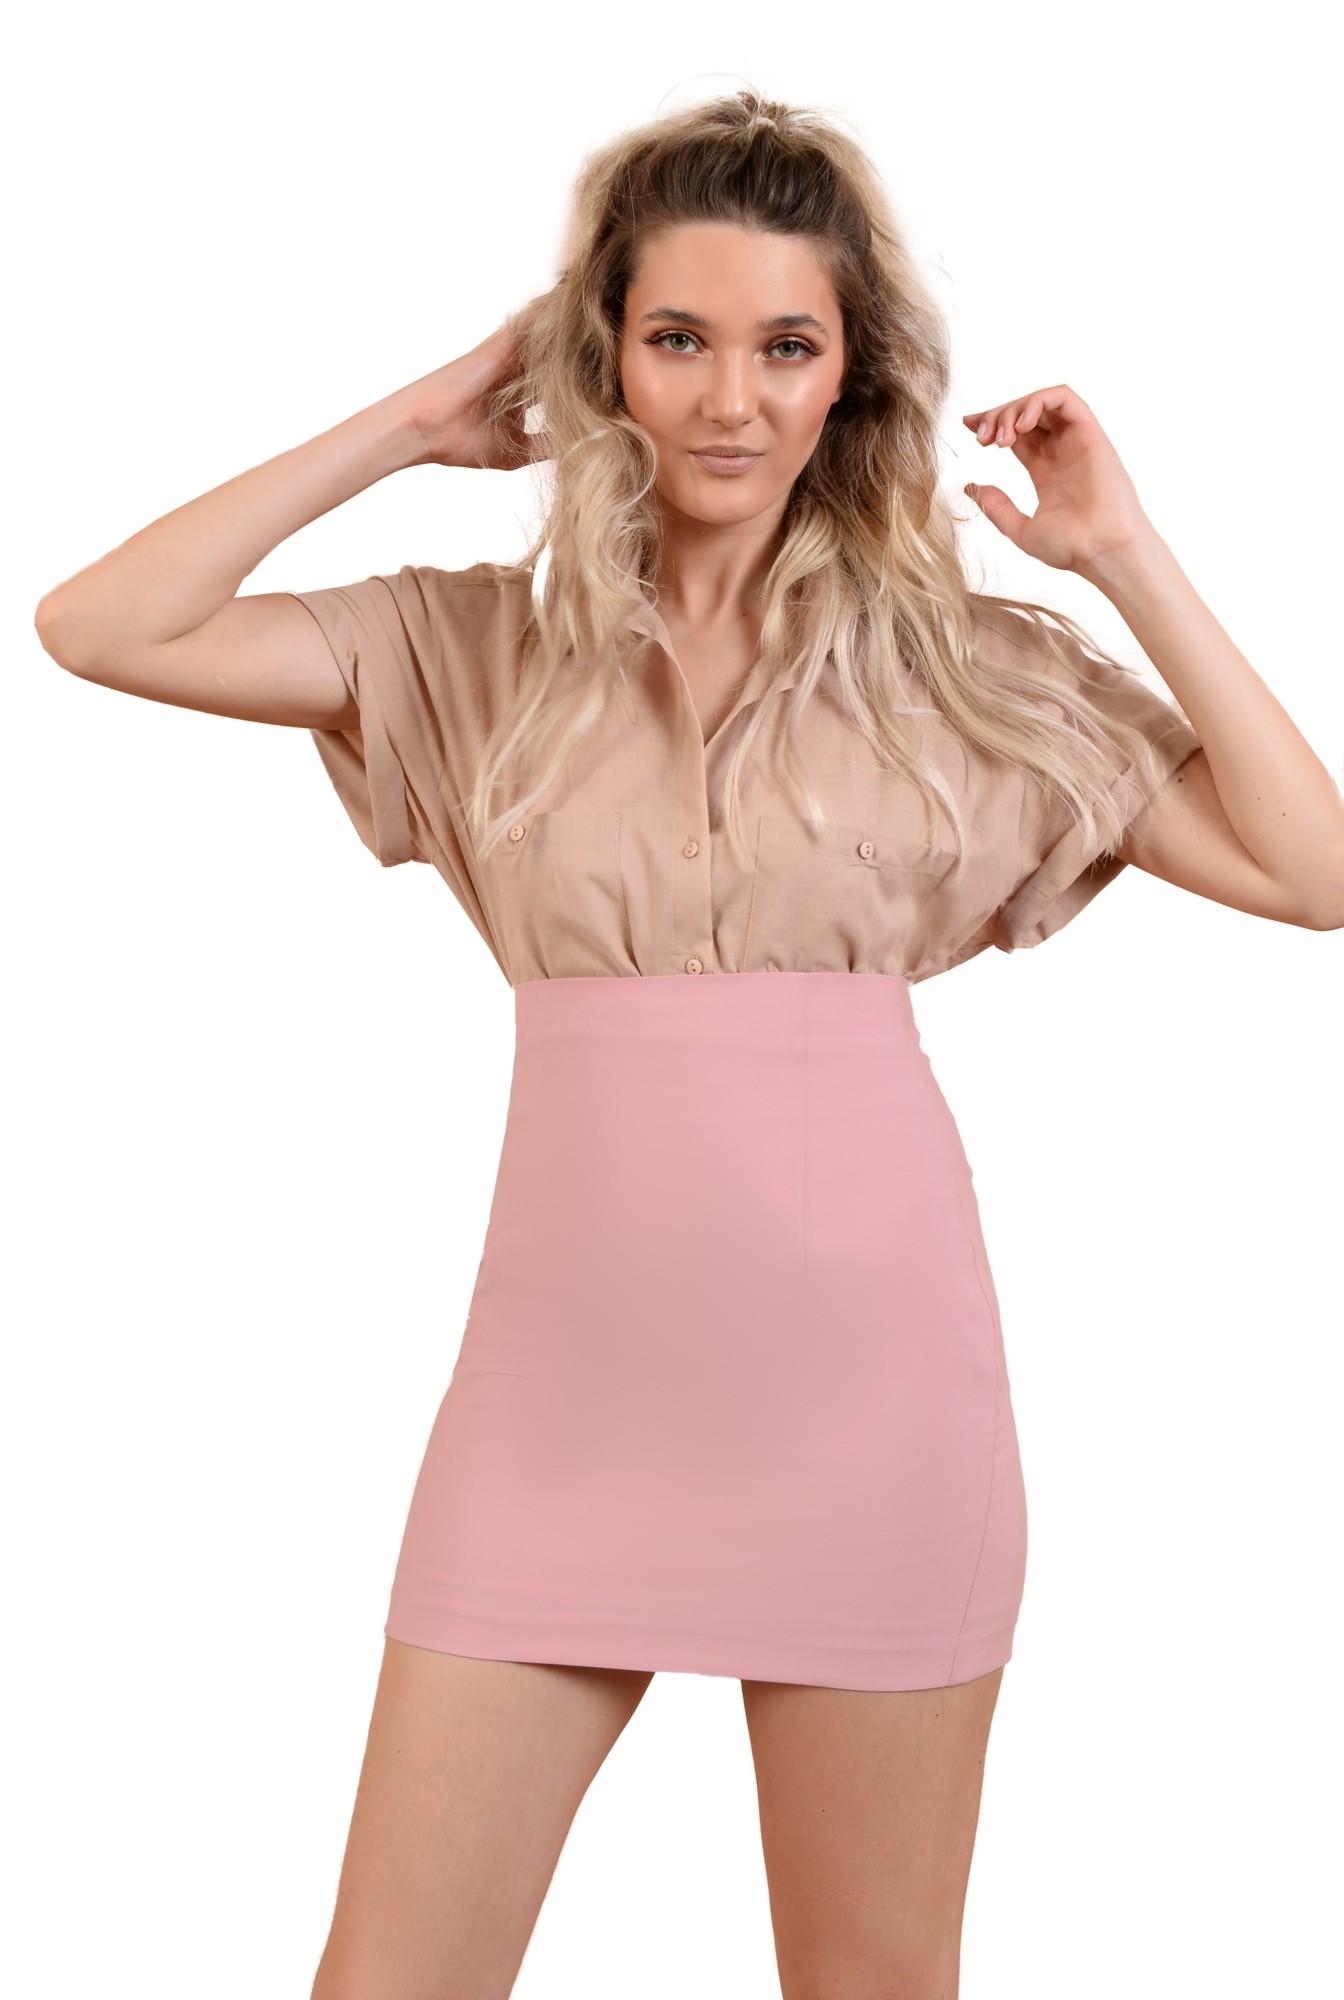 0 - fusta mini, roz, talie inalta, croi ajustat